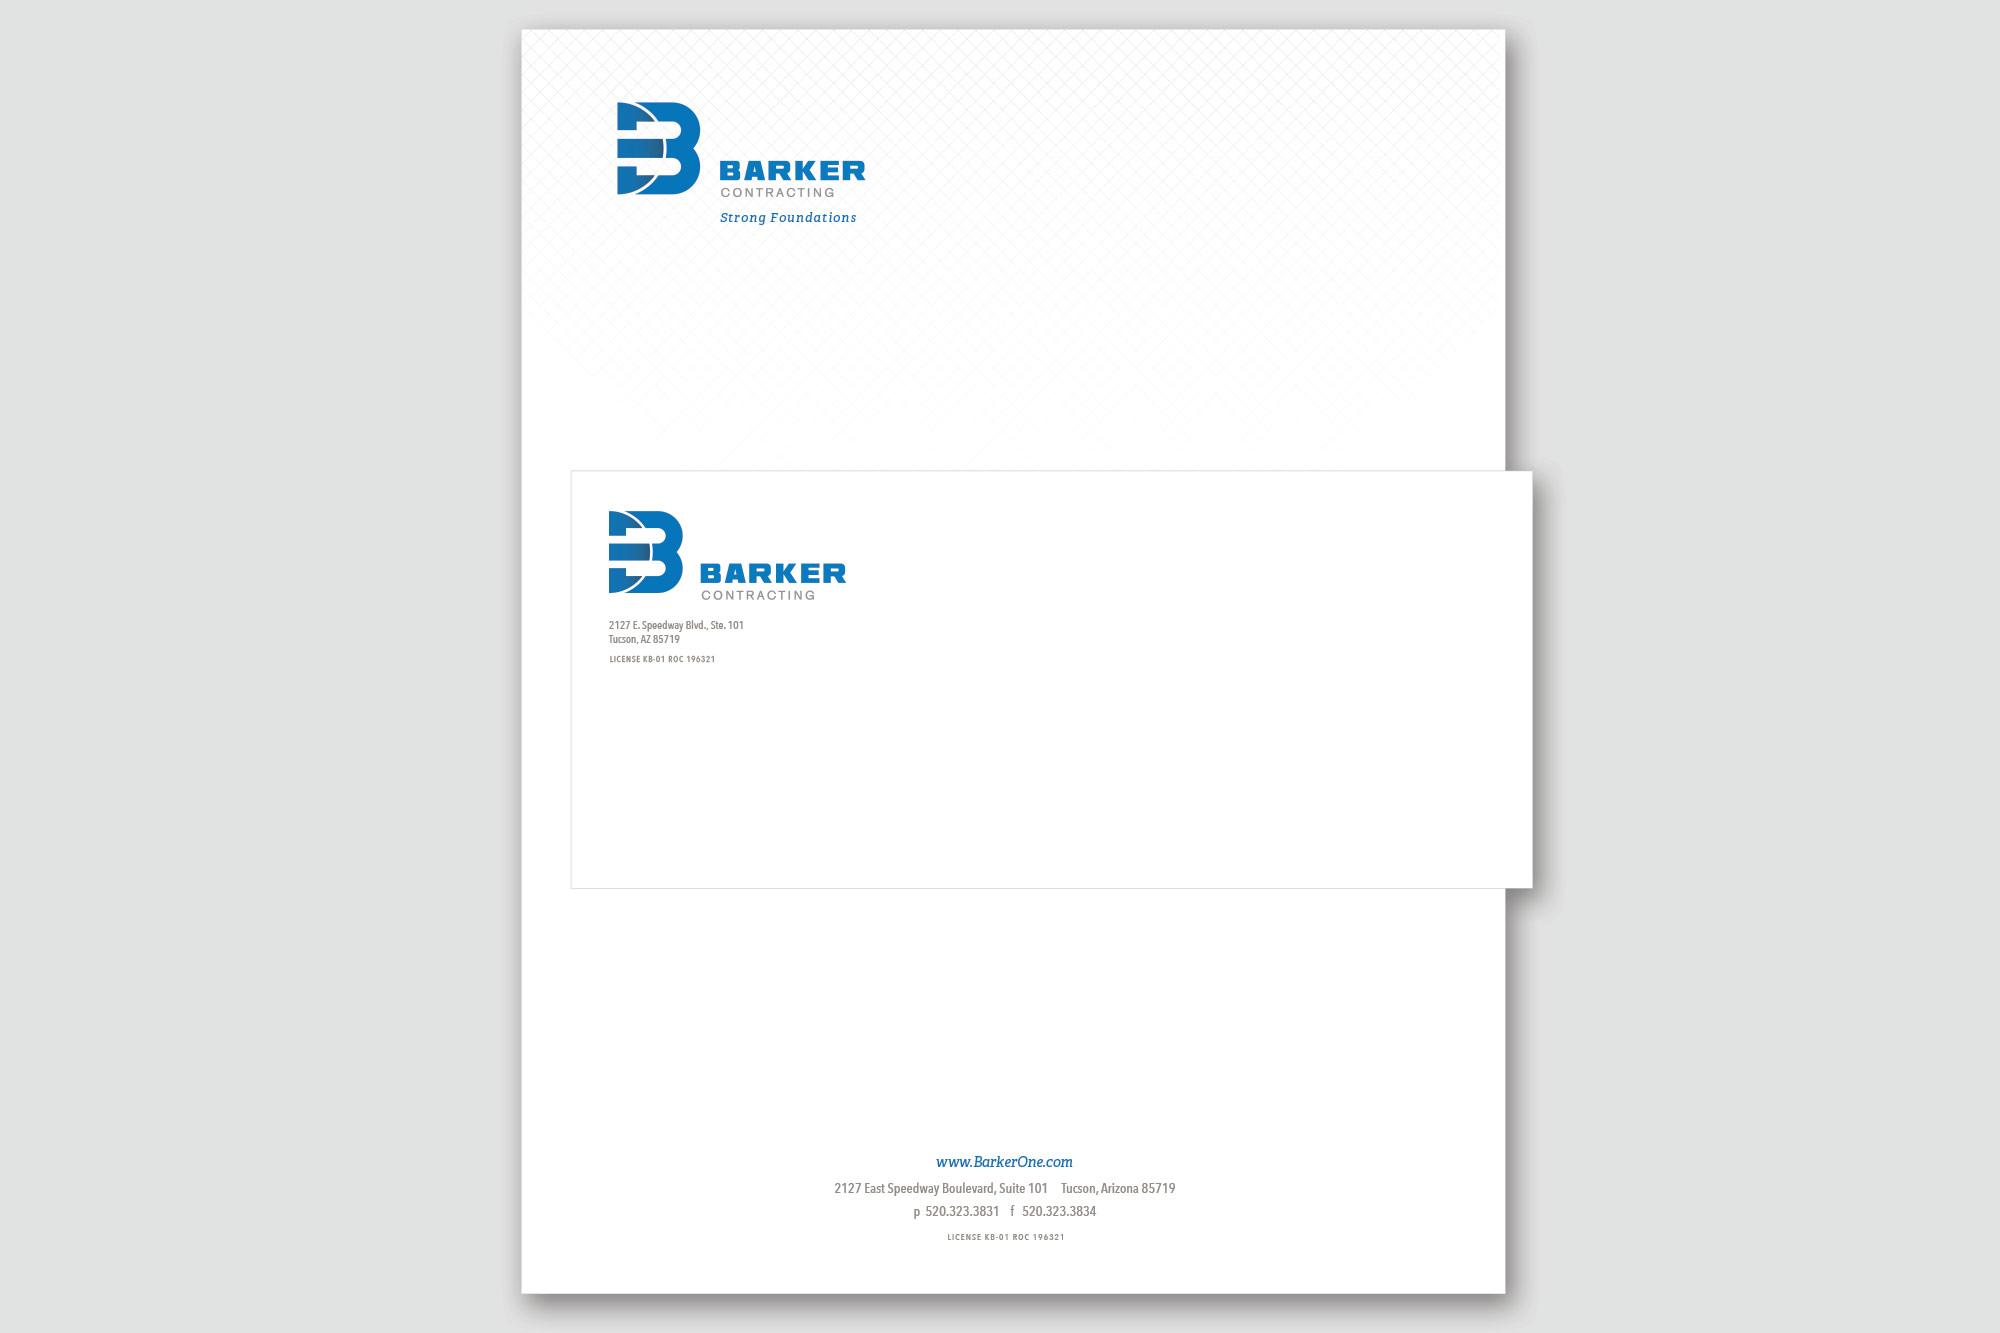 Barker_Letterhead_envelope.jpg